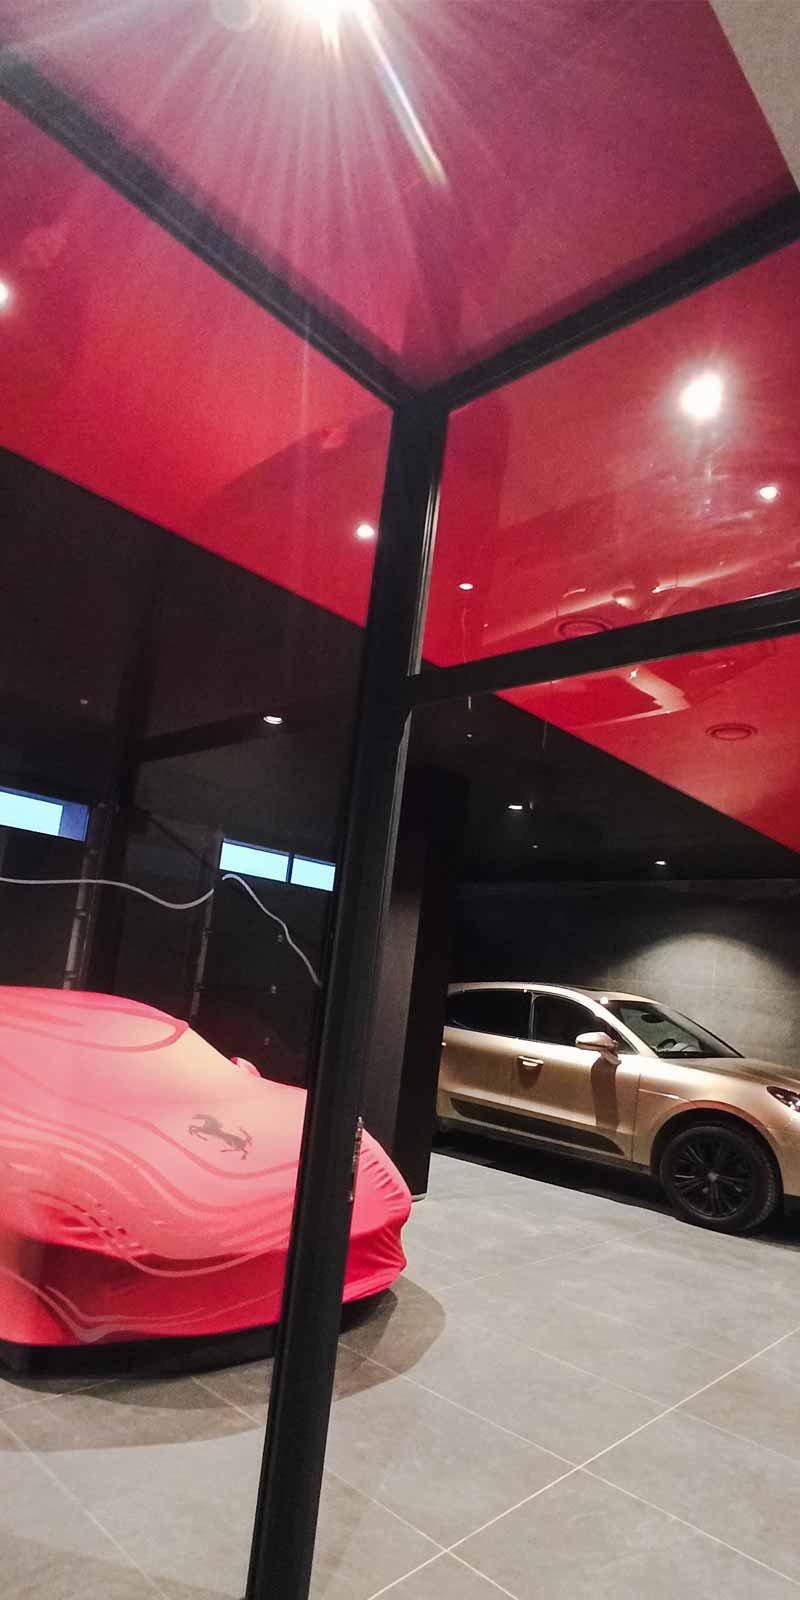 czerwony sufit w garażu w tle czerwone ferrari